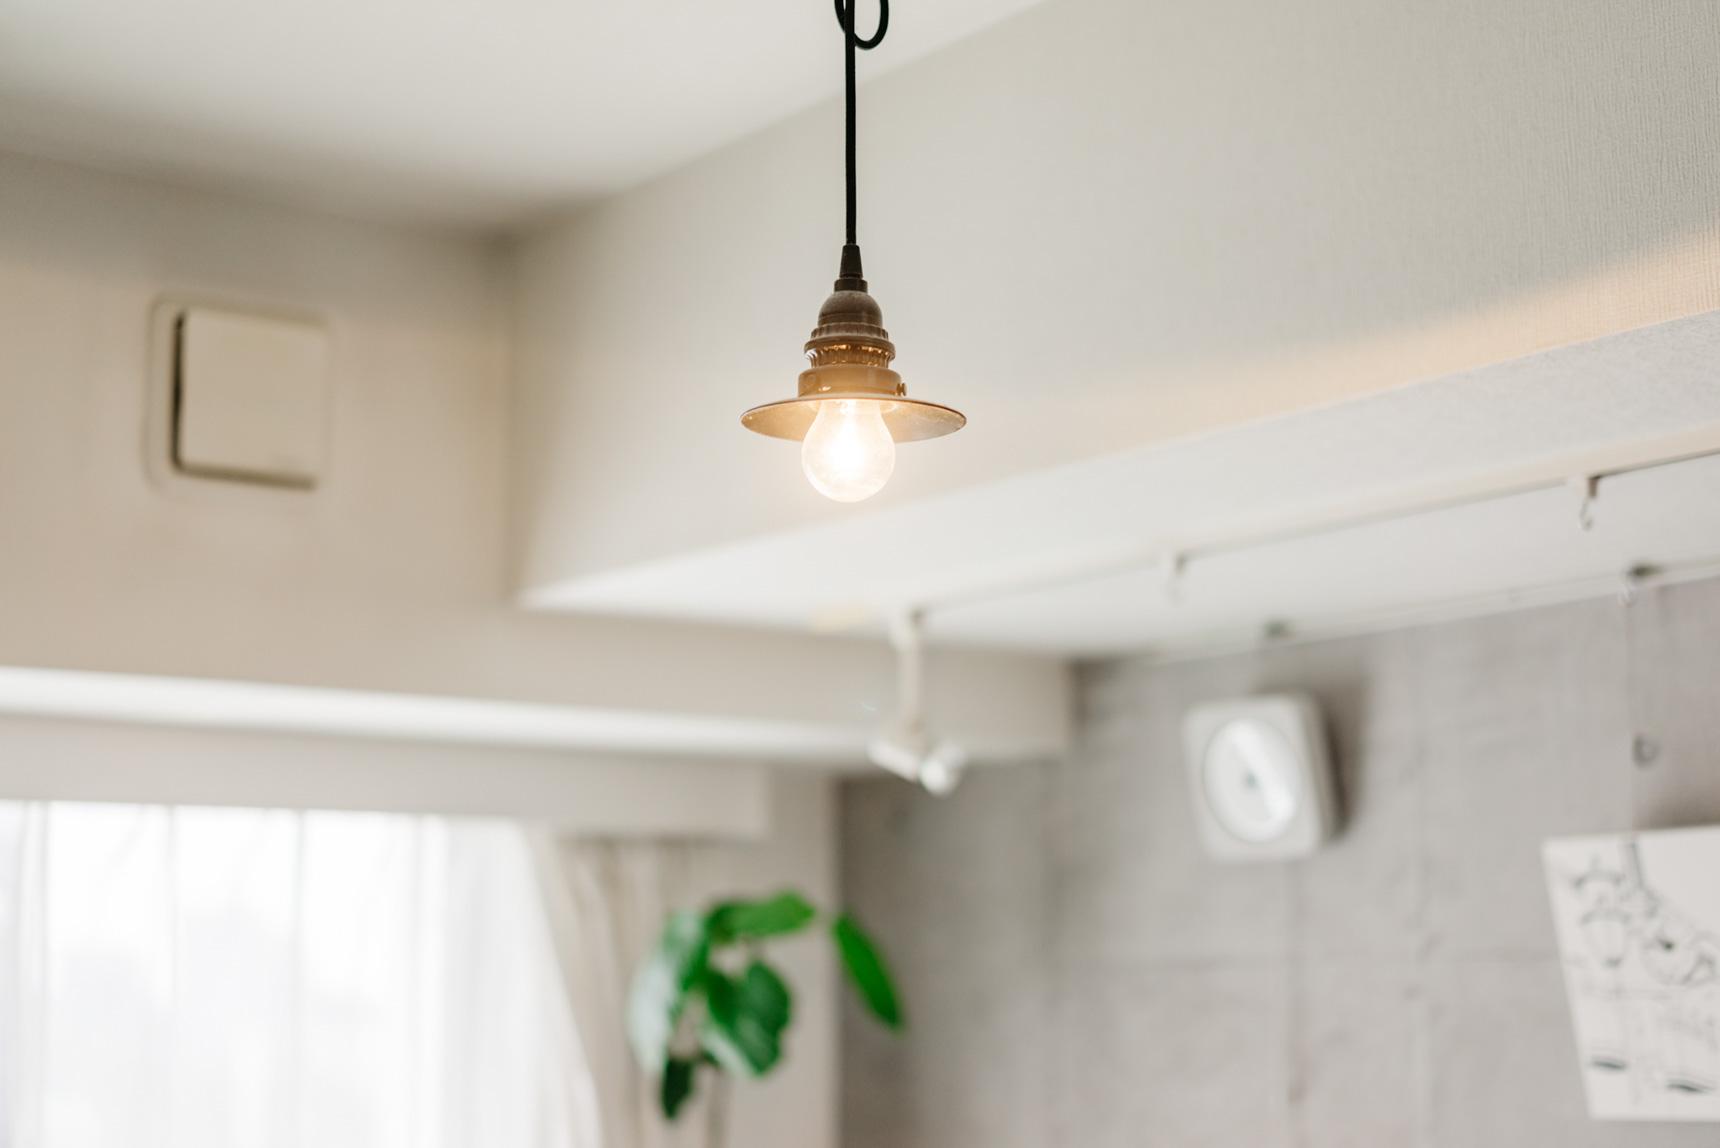 照明も、このお部屋に合わせてシンプルでかっこいいデザインのものを。